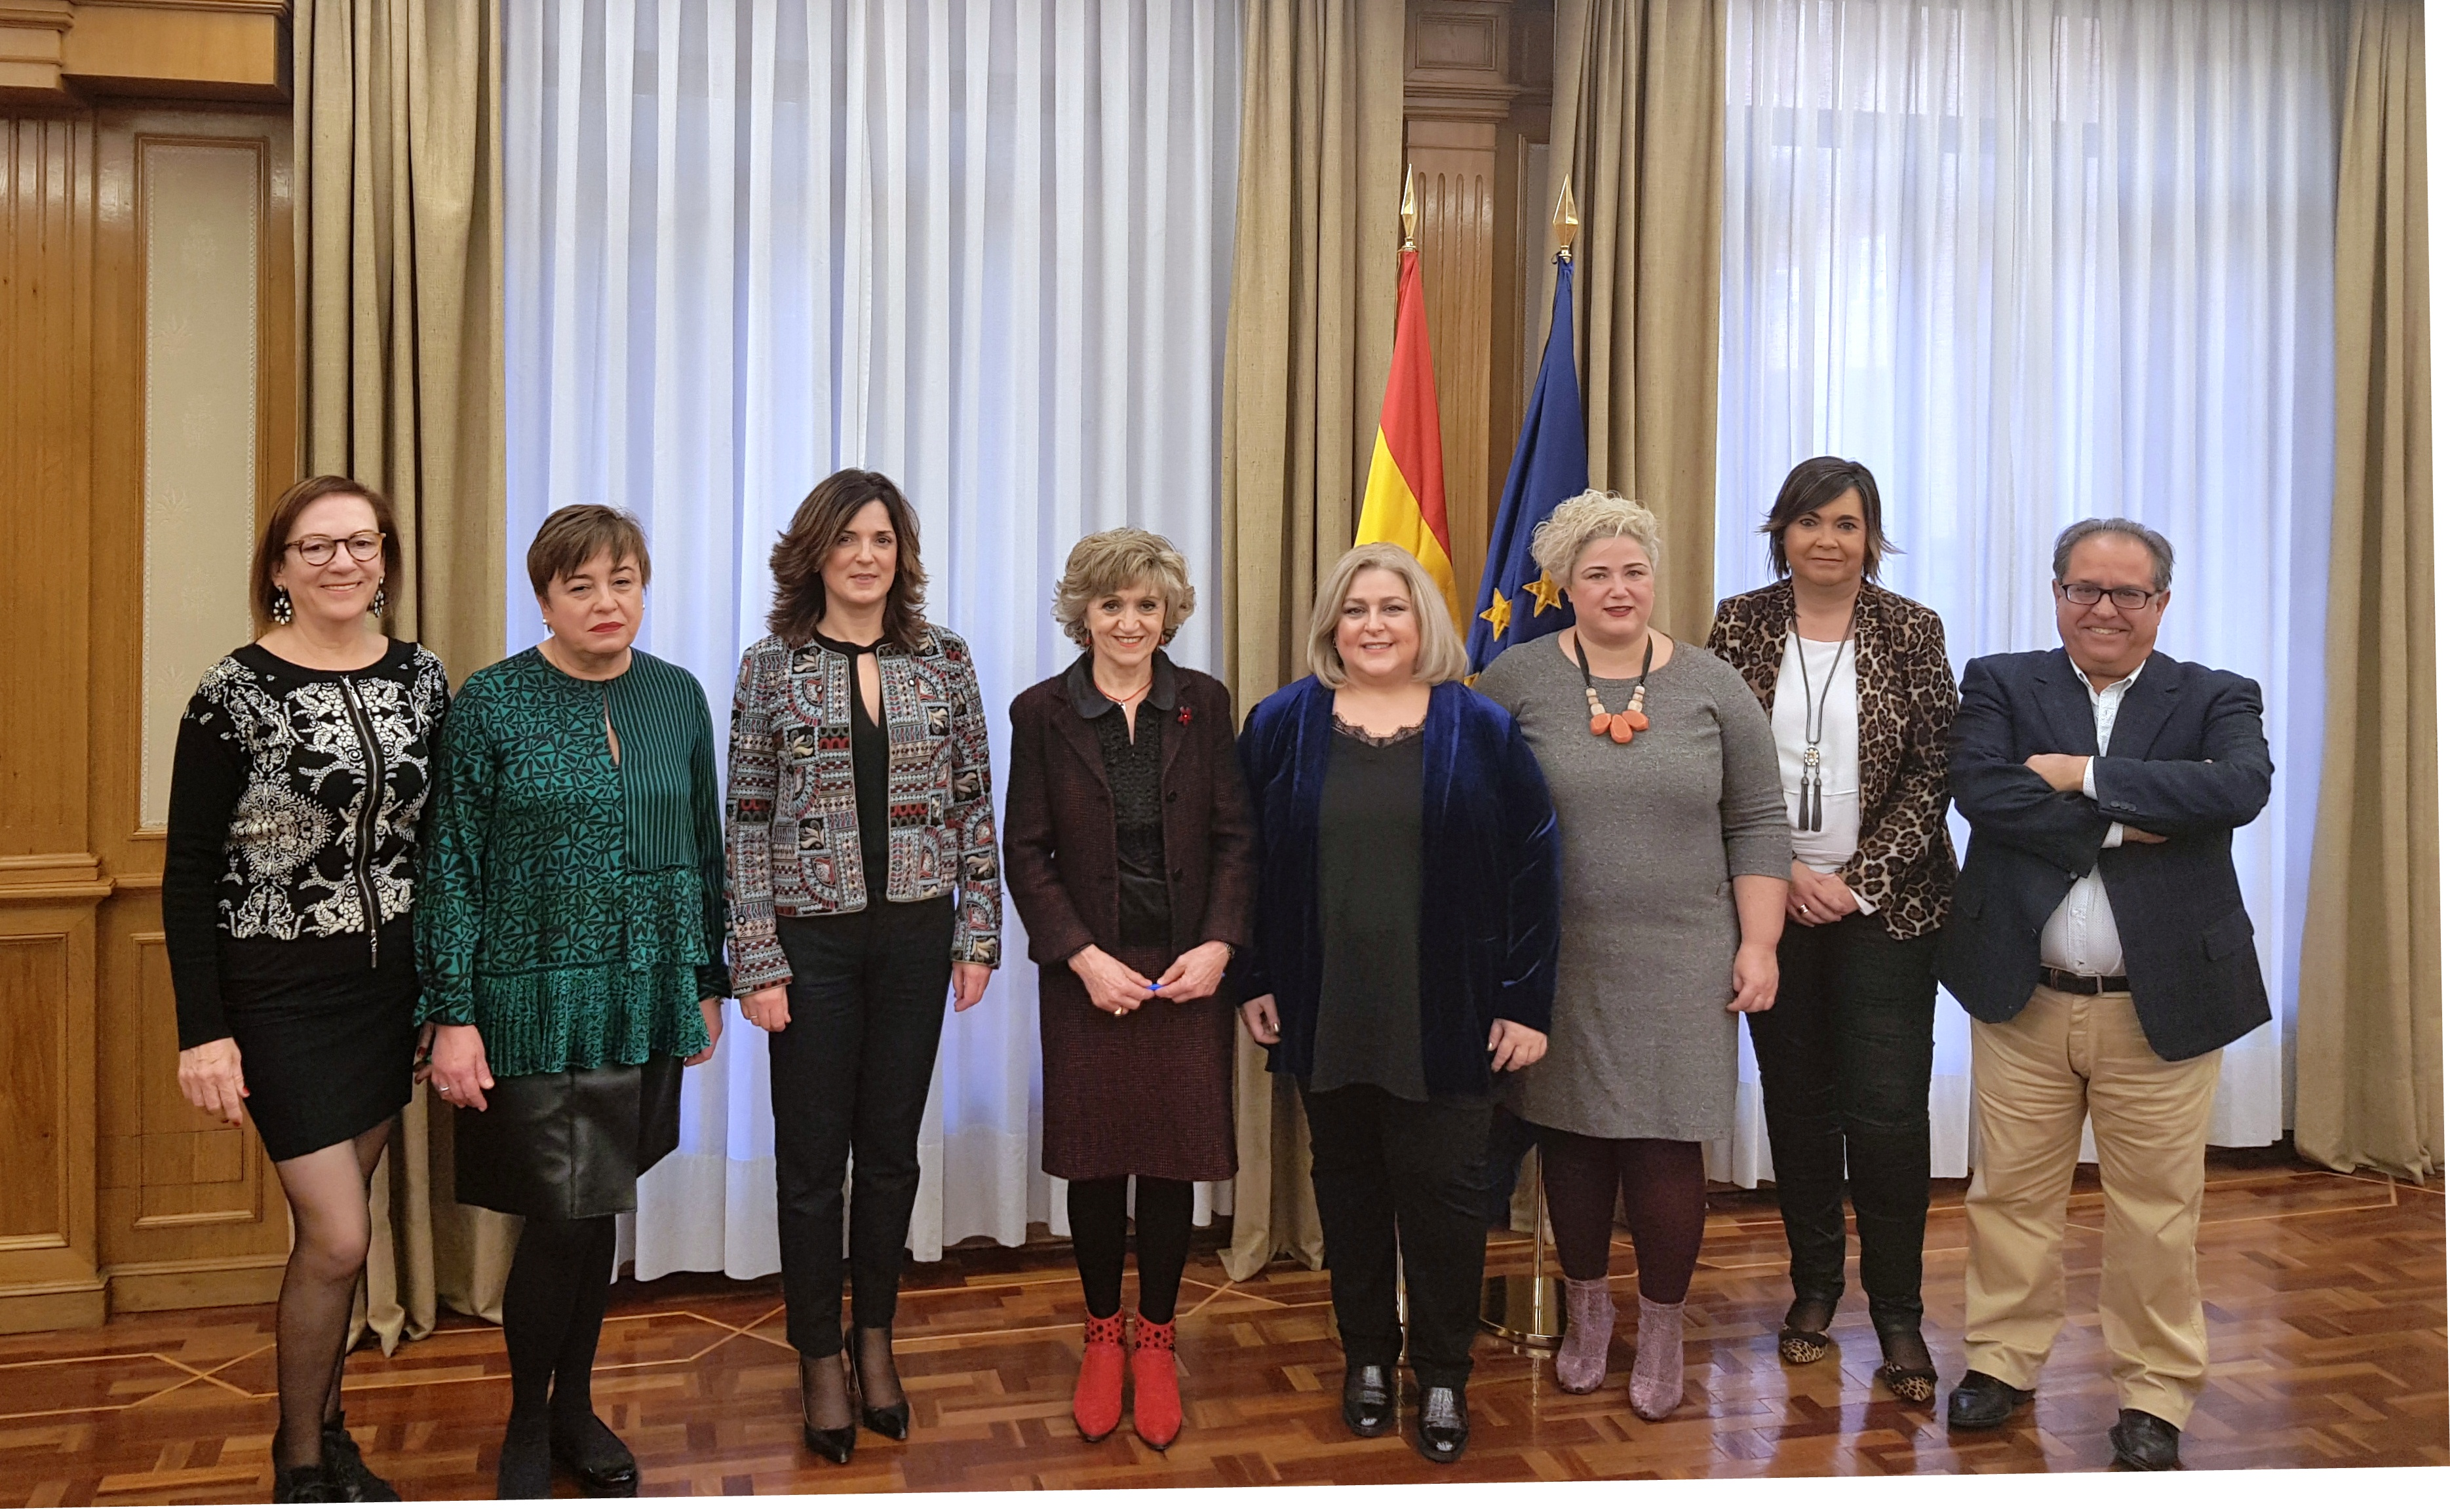 consejera_ss_vasco.jpg